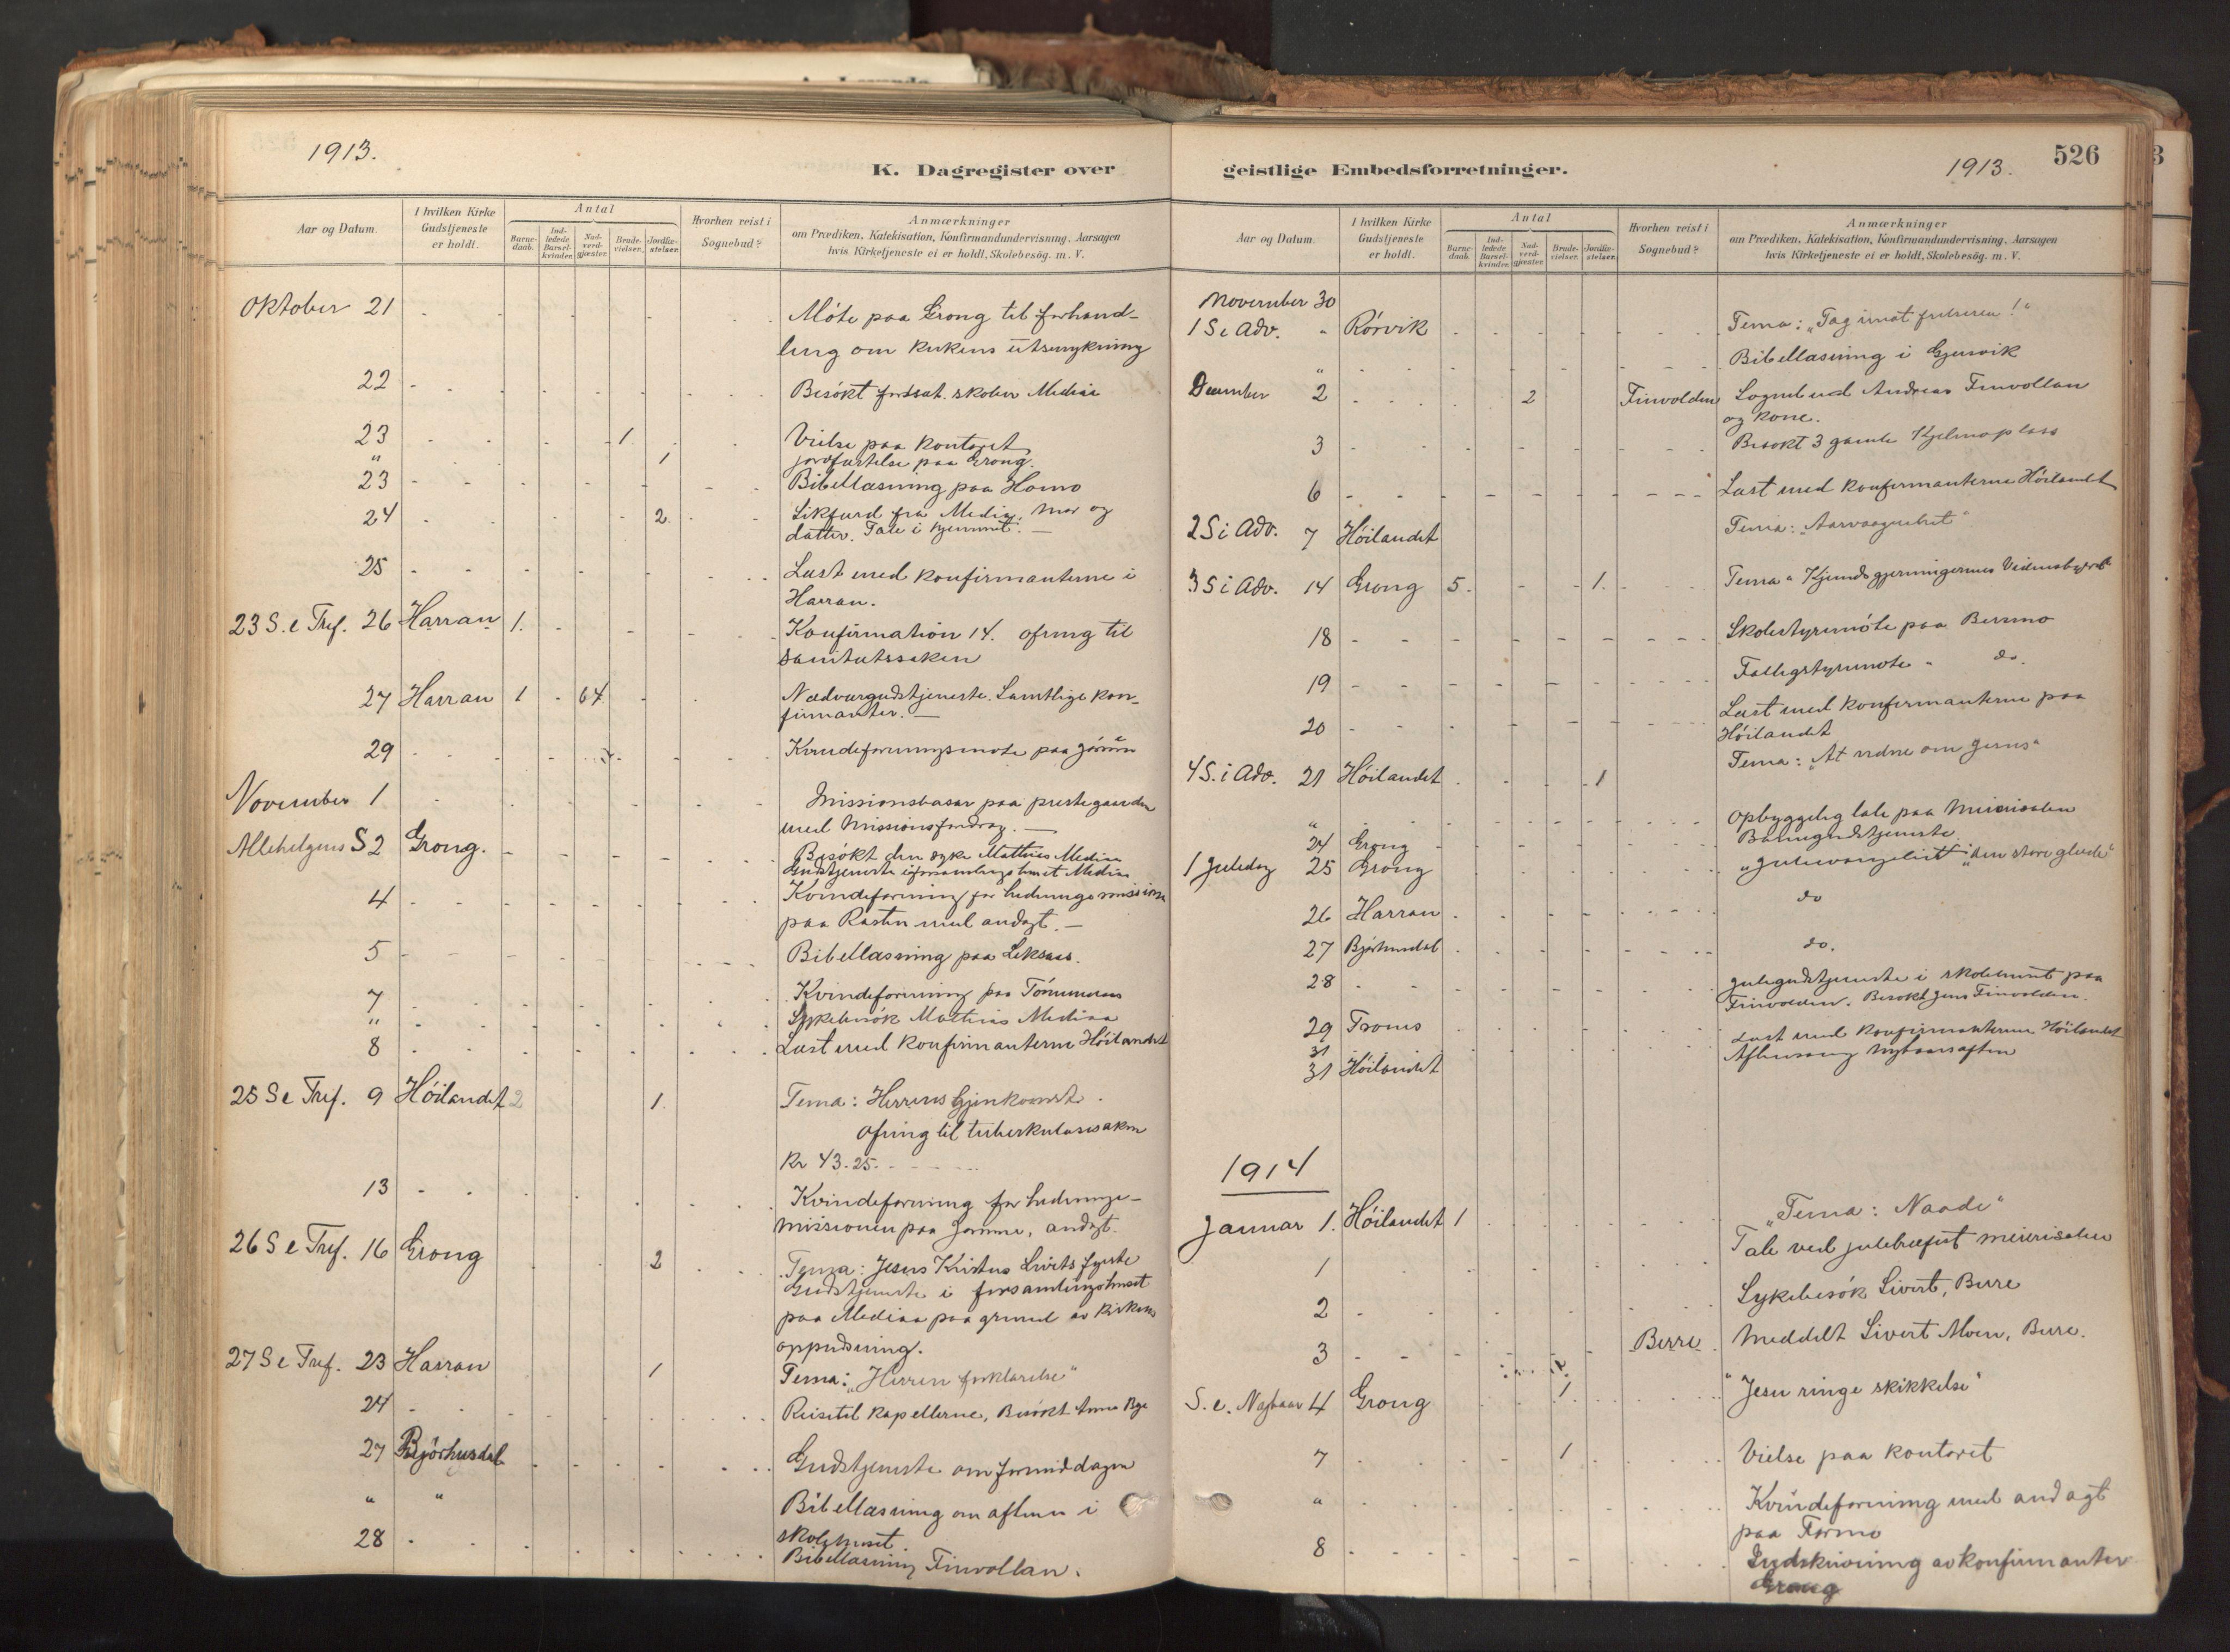 SAT, Ministerialprotokoller, klokkerbøker og fødselsregistre - Nord-Trøndelag, 758/L0519: Ministerialbok nr. 758A04, 1880-1926, s. 526